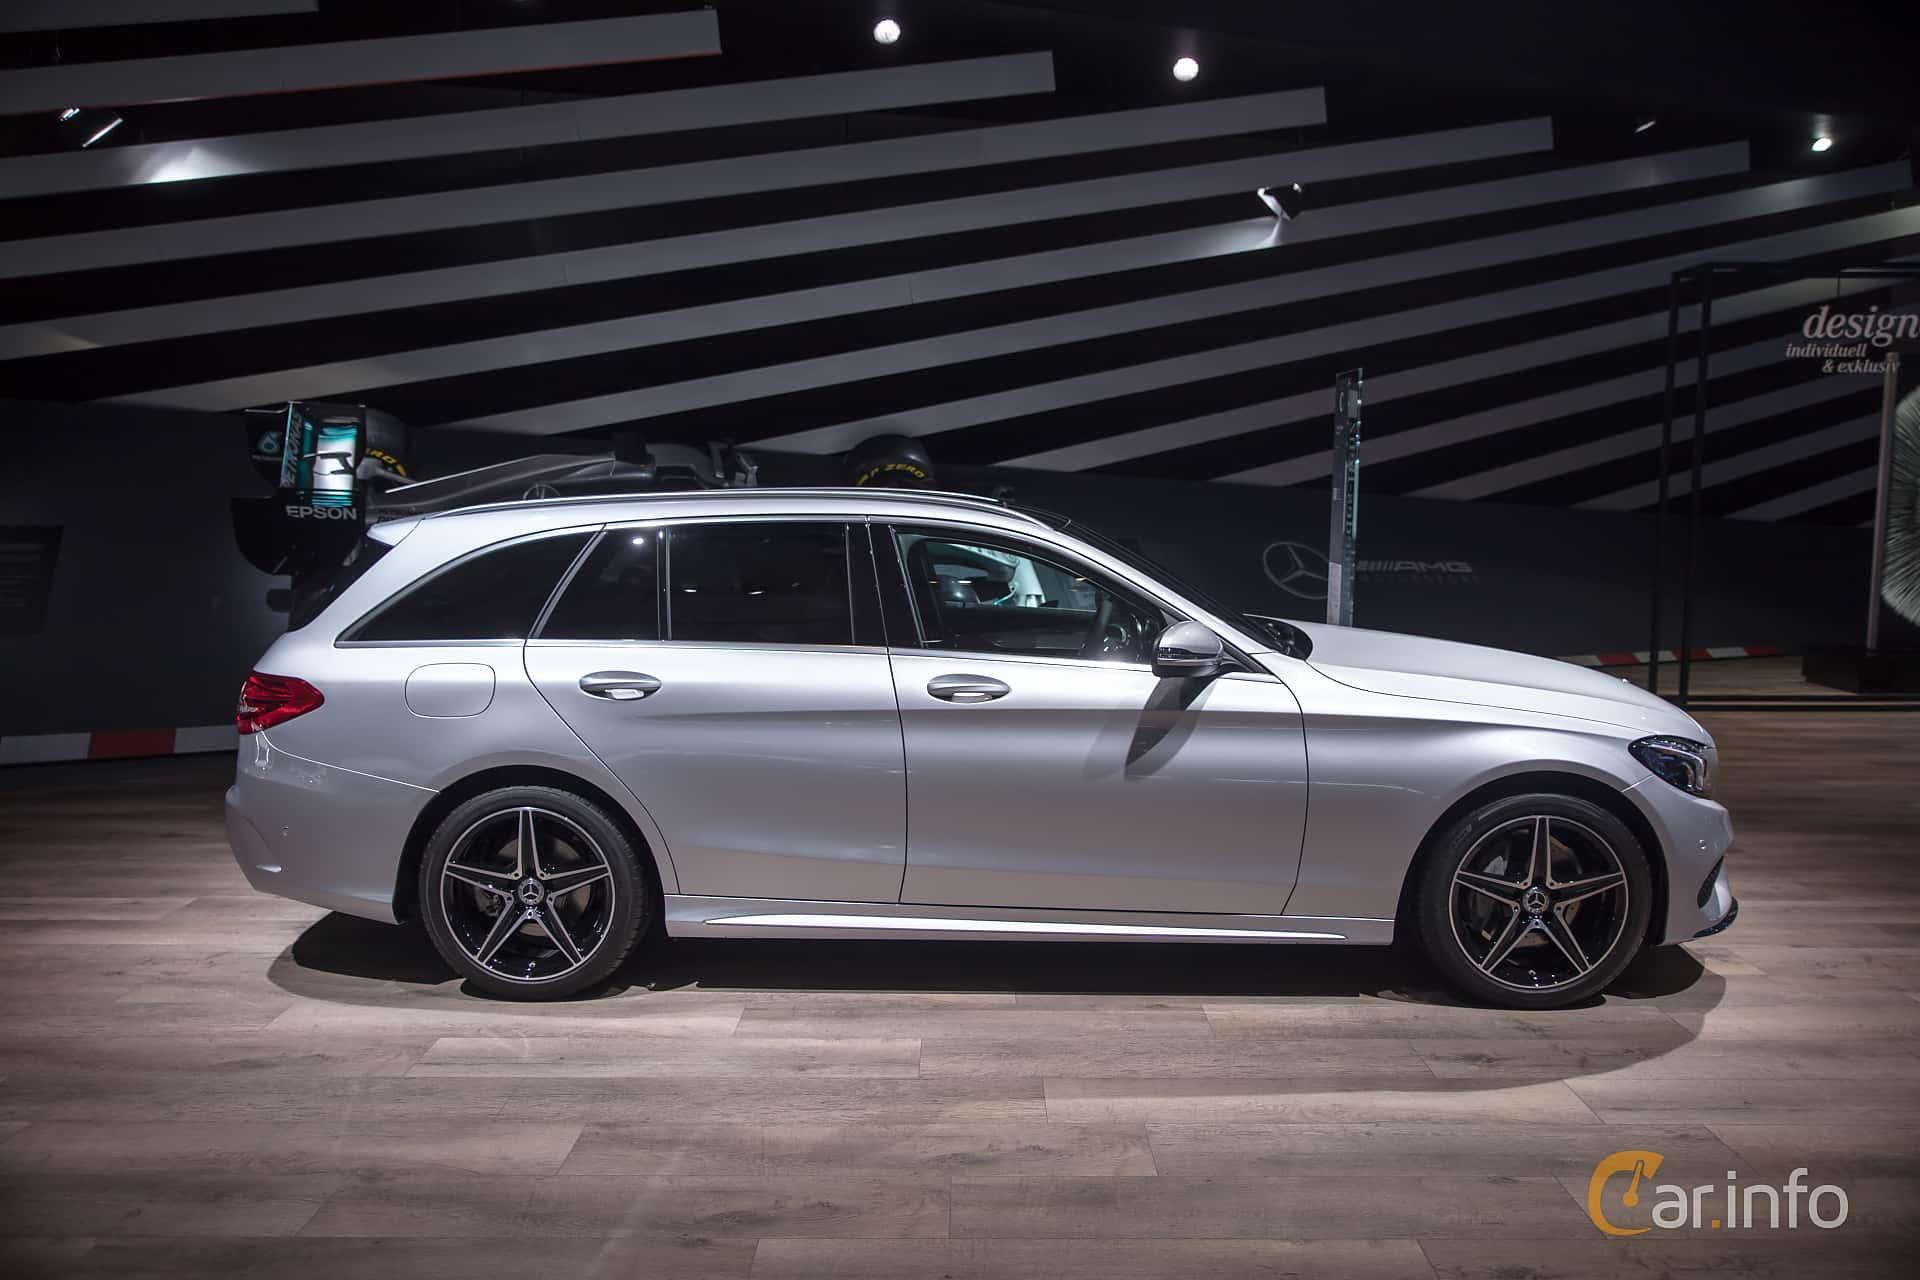 Mercedes benz c class t modell 2018 for Mercedes benz c class 2018